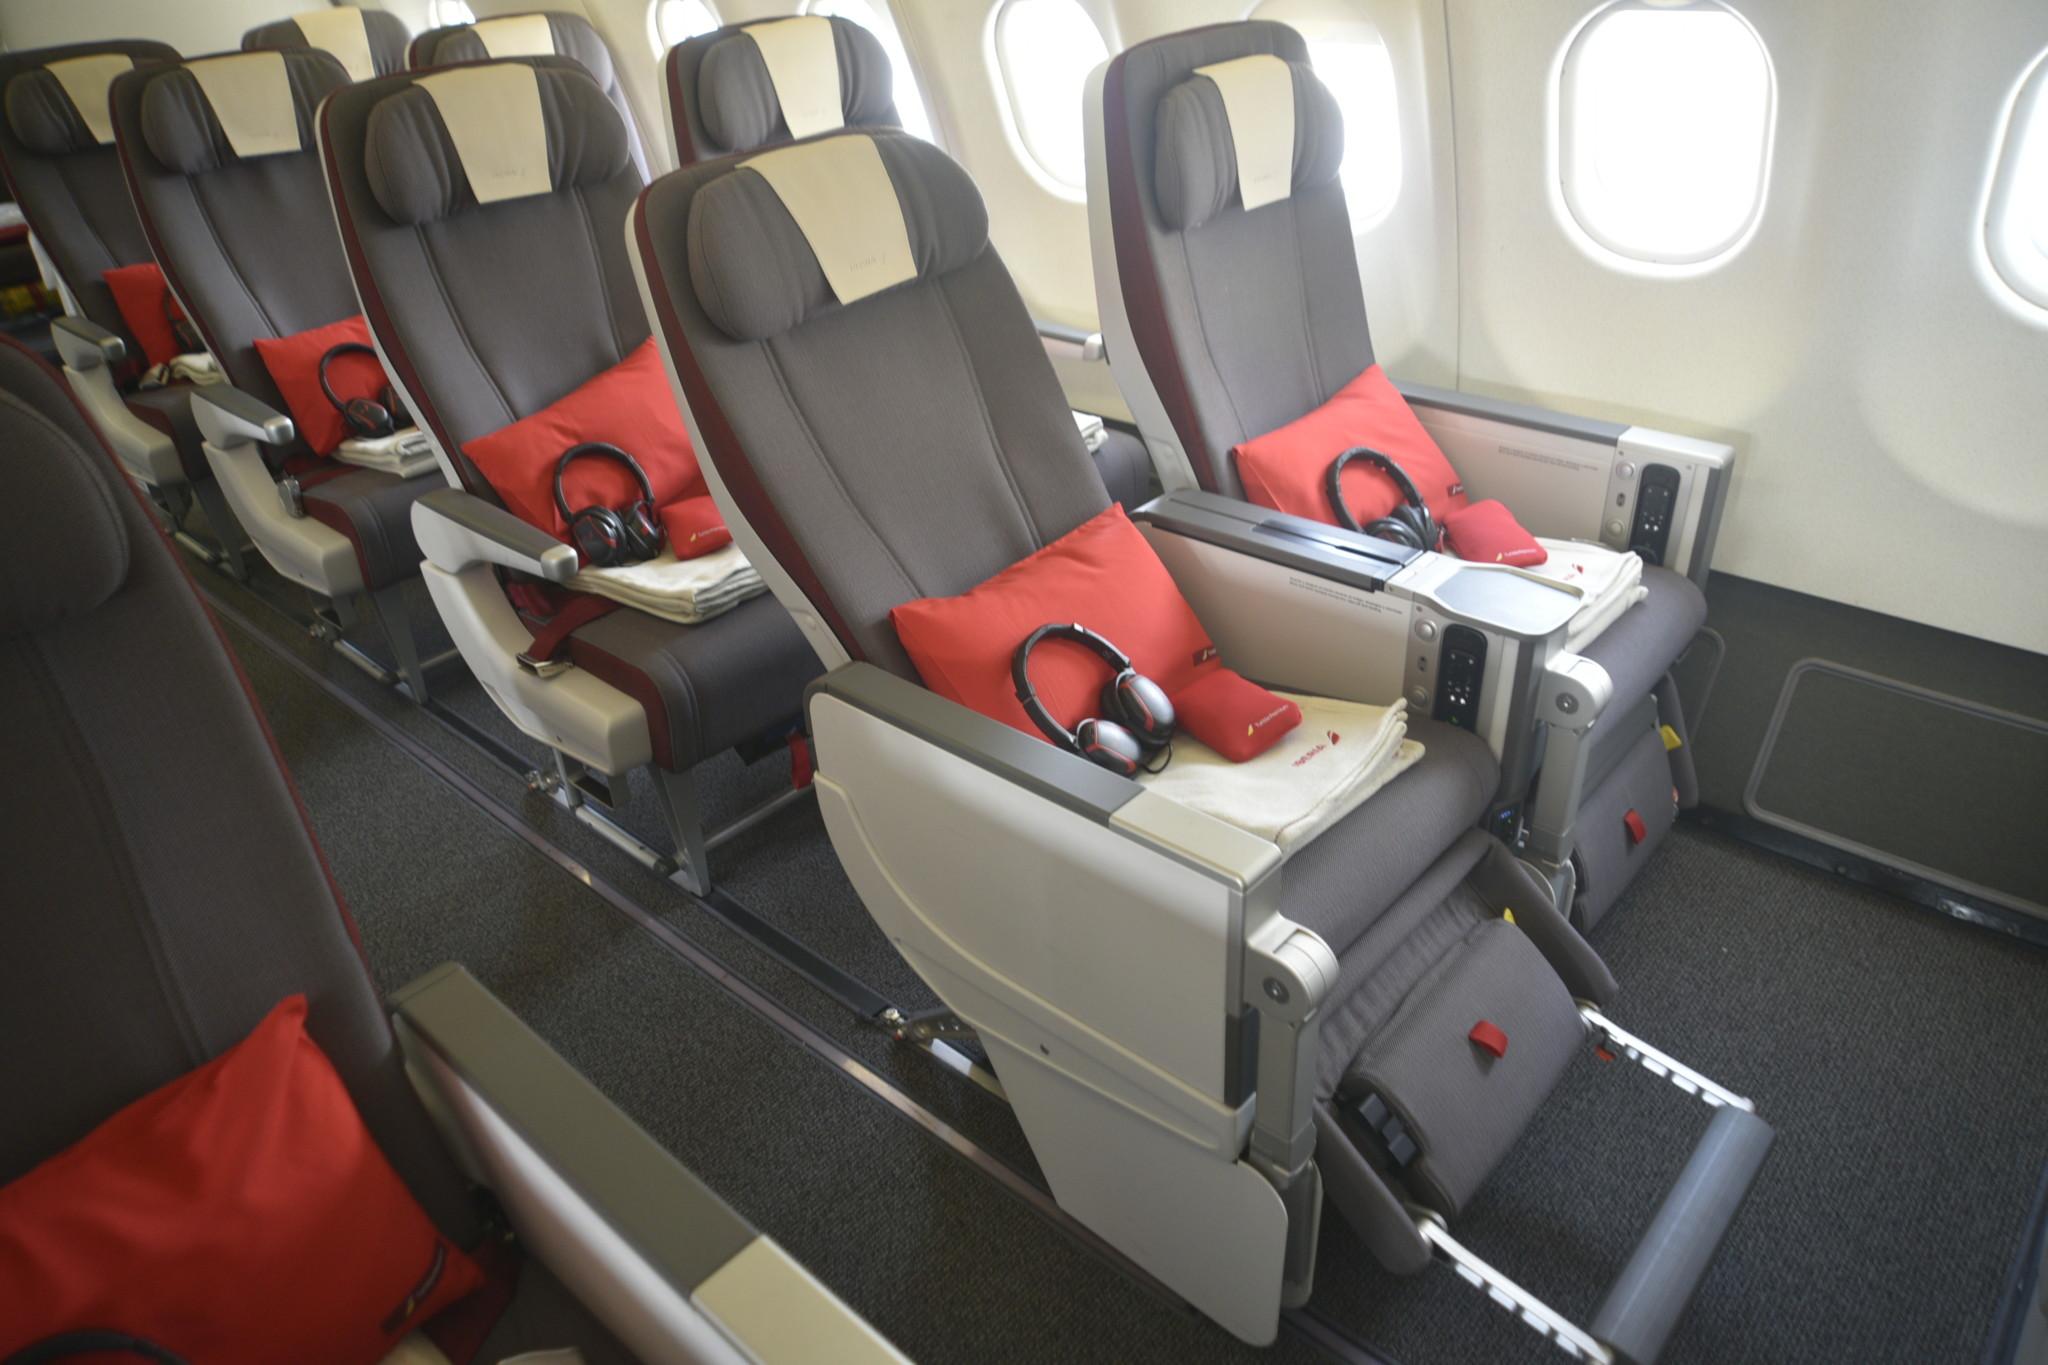 Iberia Classe Turística Premium